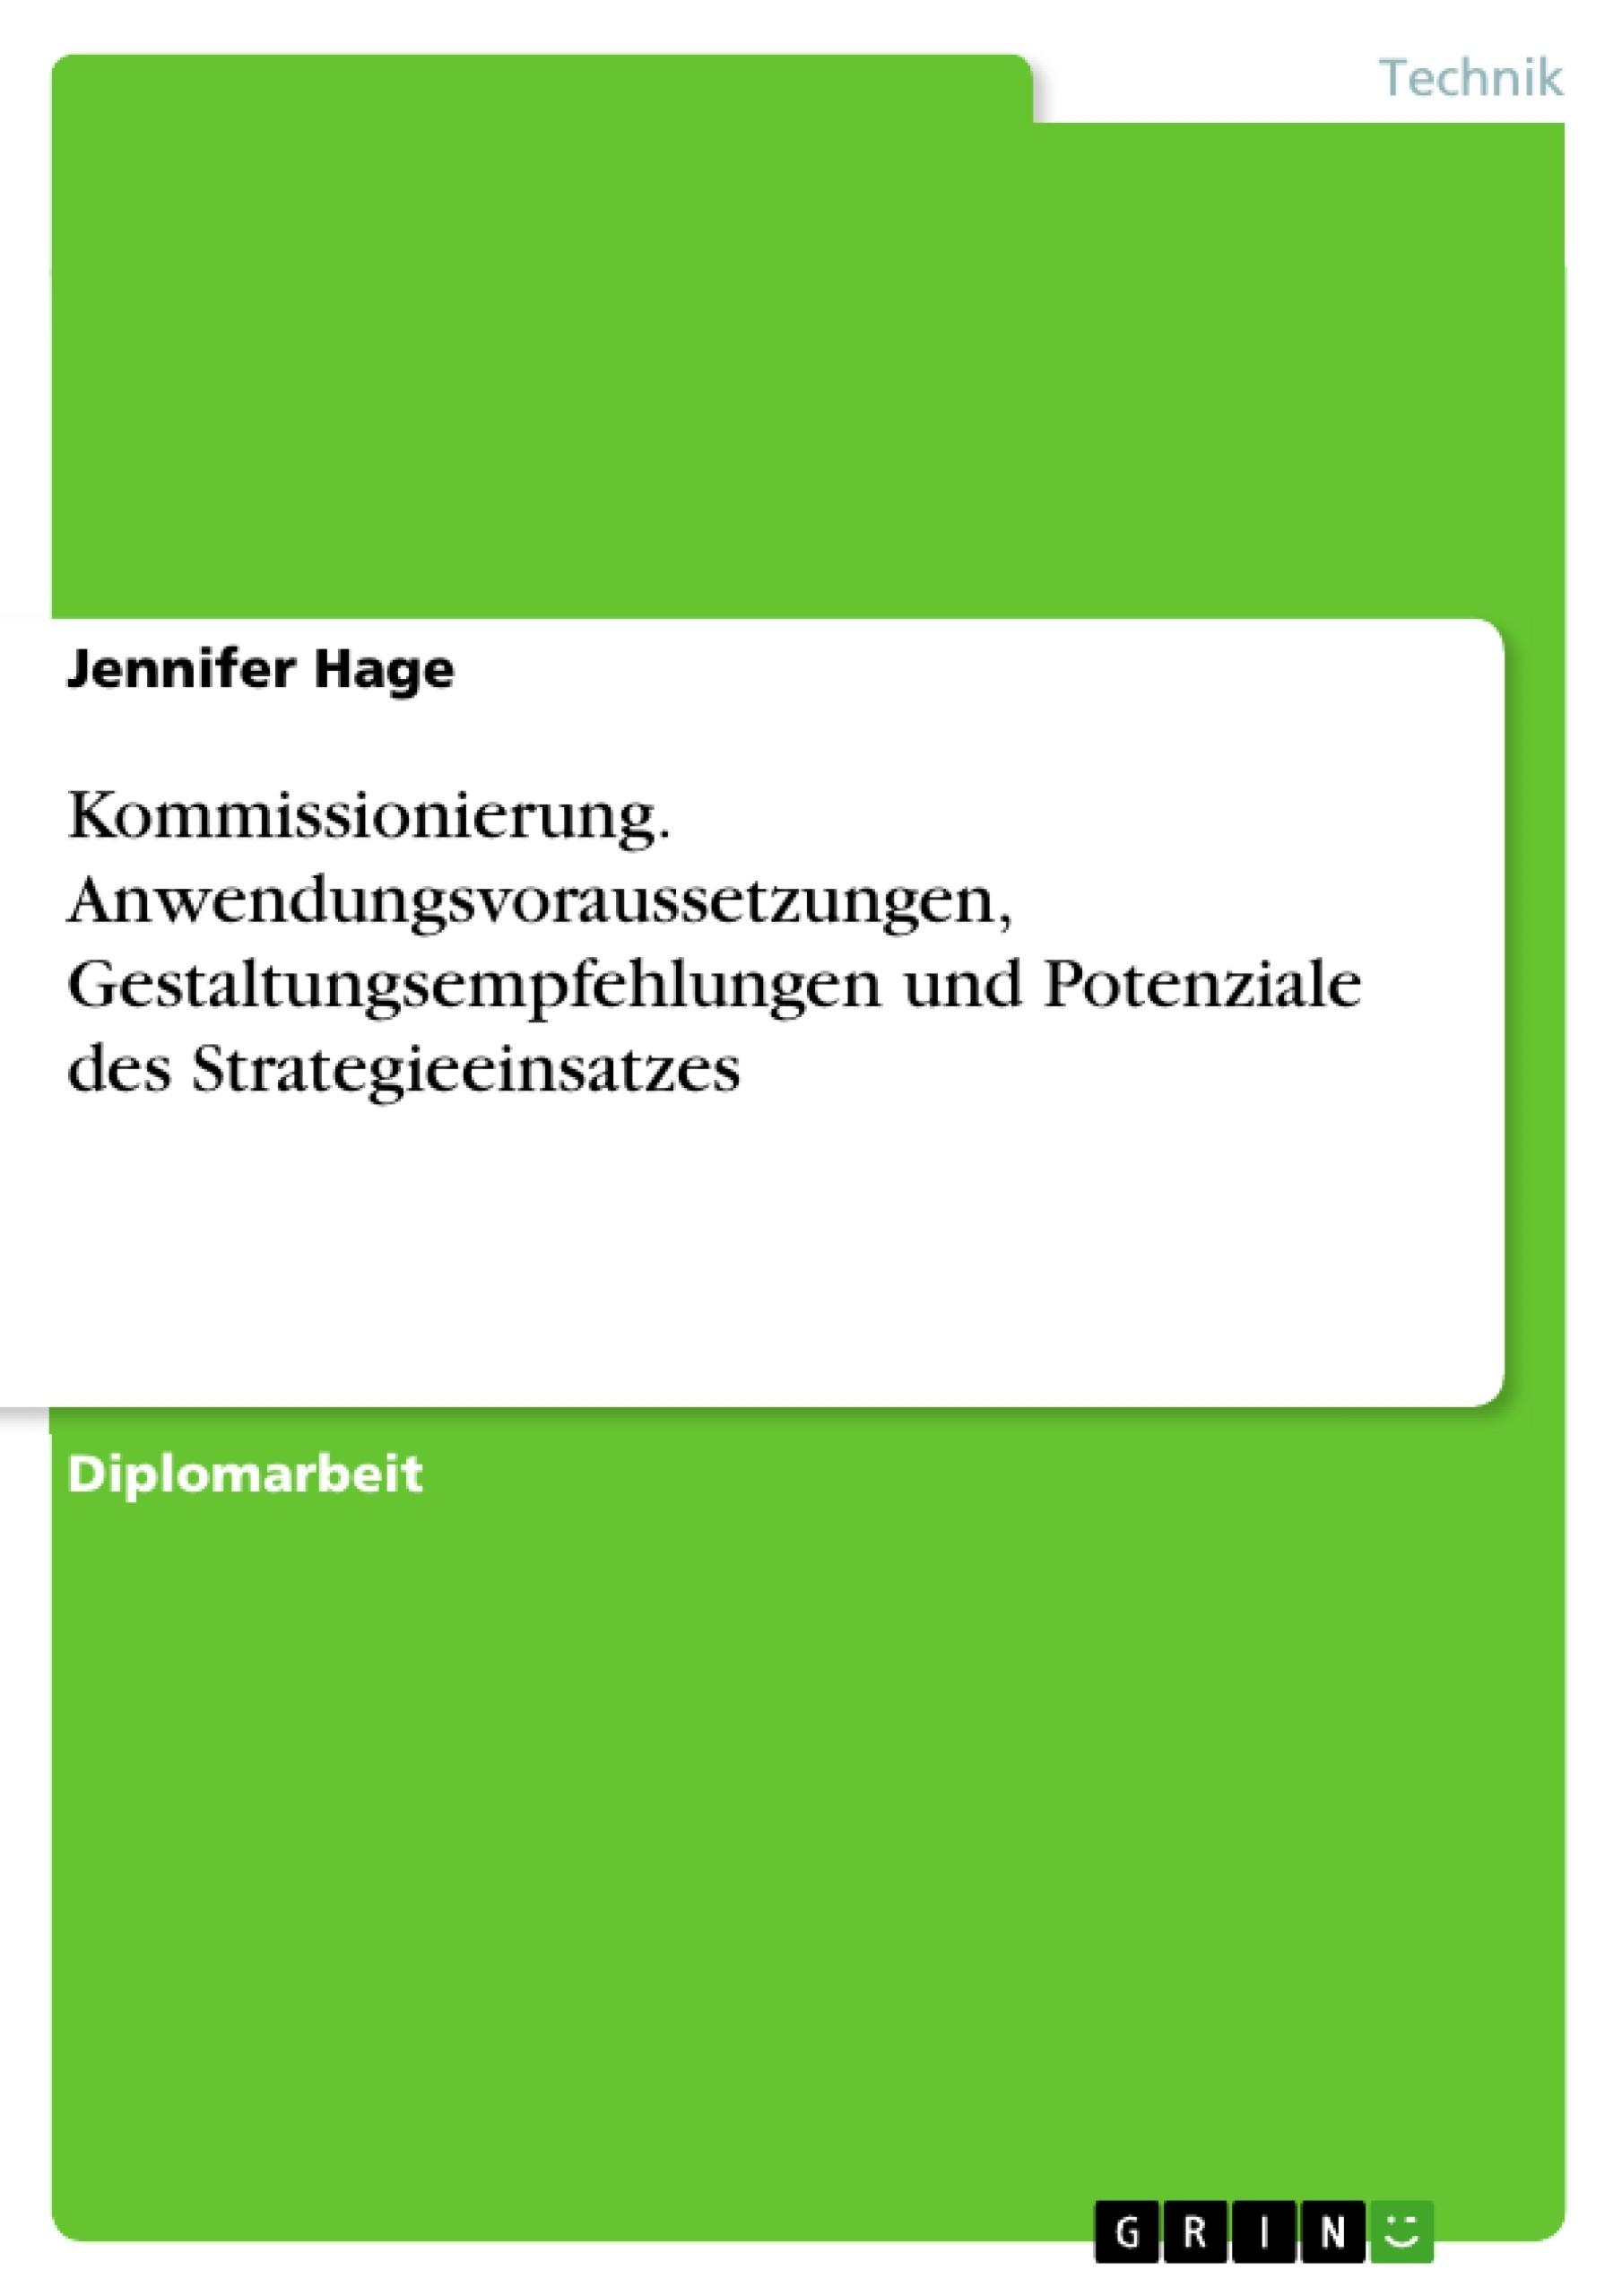 Titel: Kommissionierung. Anwendungsvoraussetzungen, Gestaltungsempfehlungen und Potenziale des Strategieeinsatzes